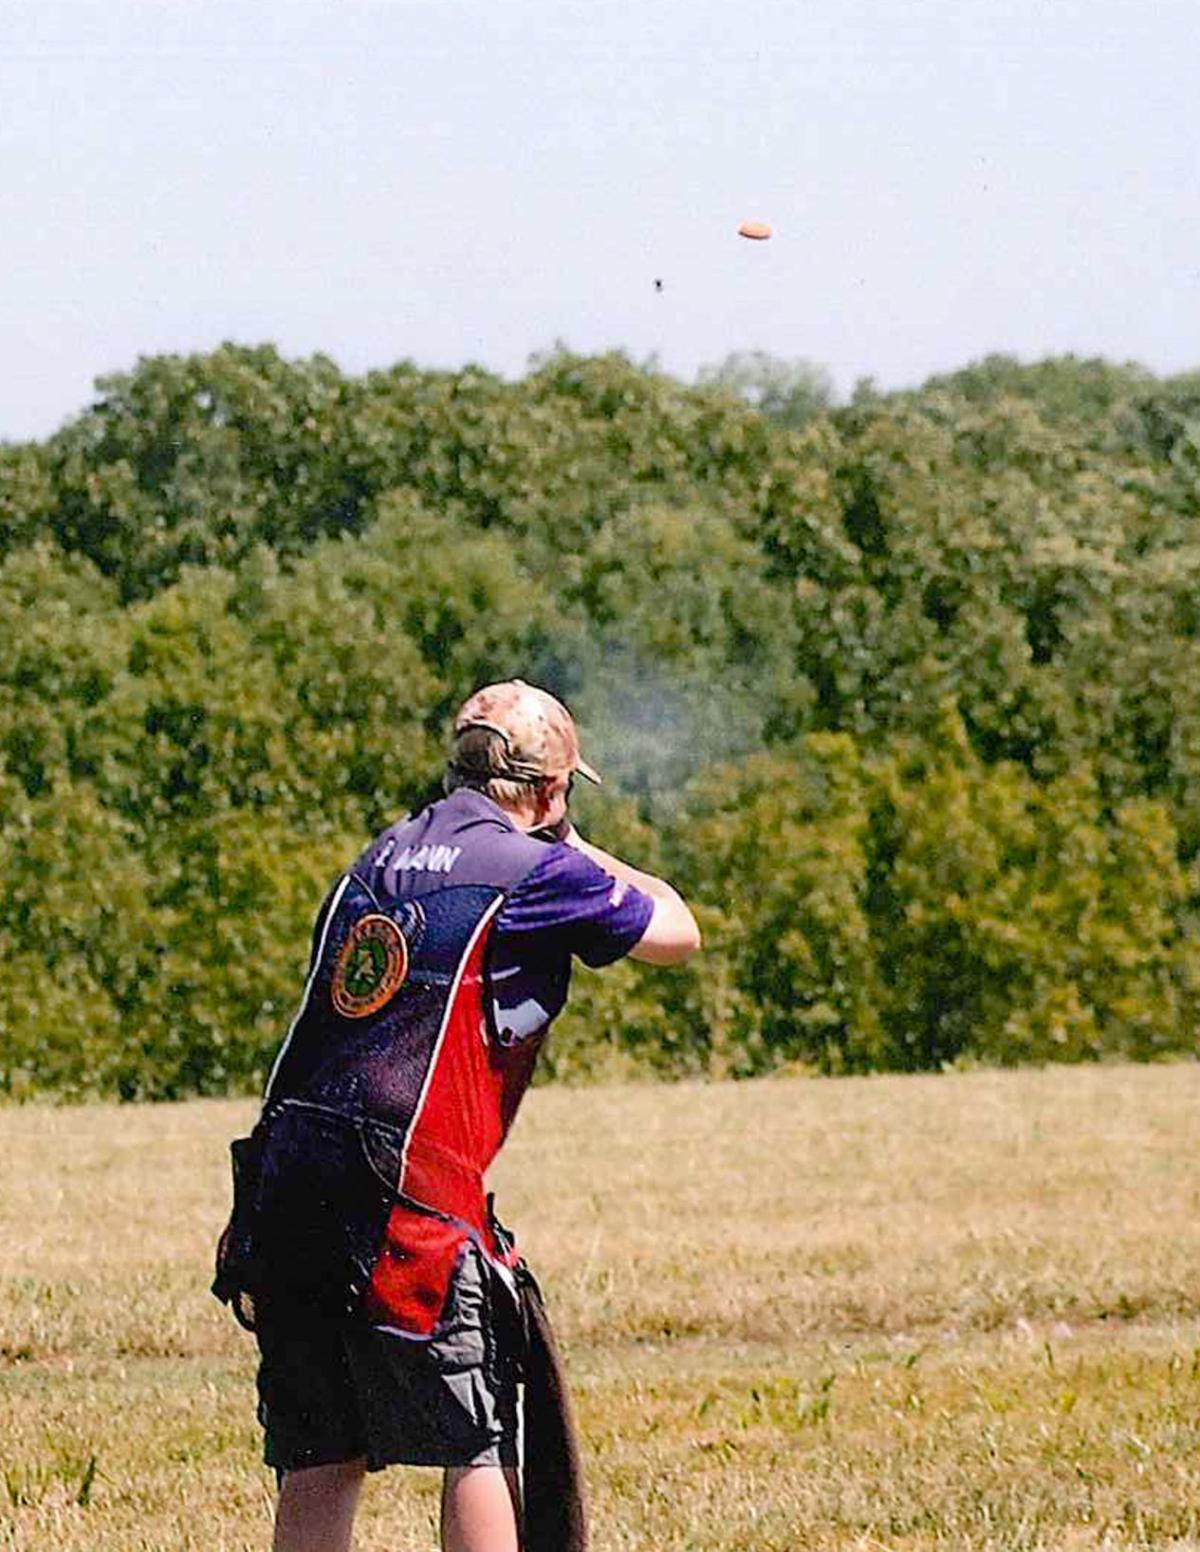 Pete Wann shooting